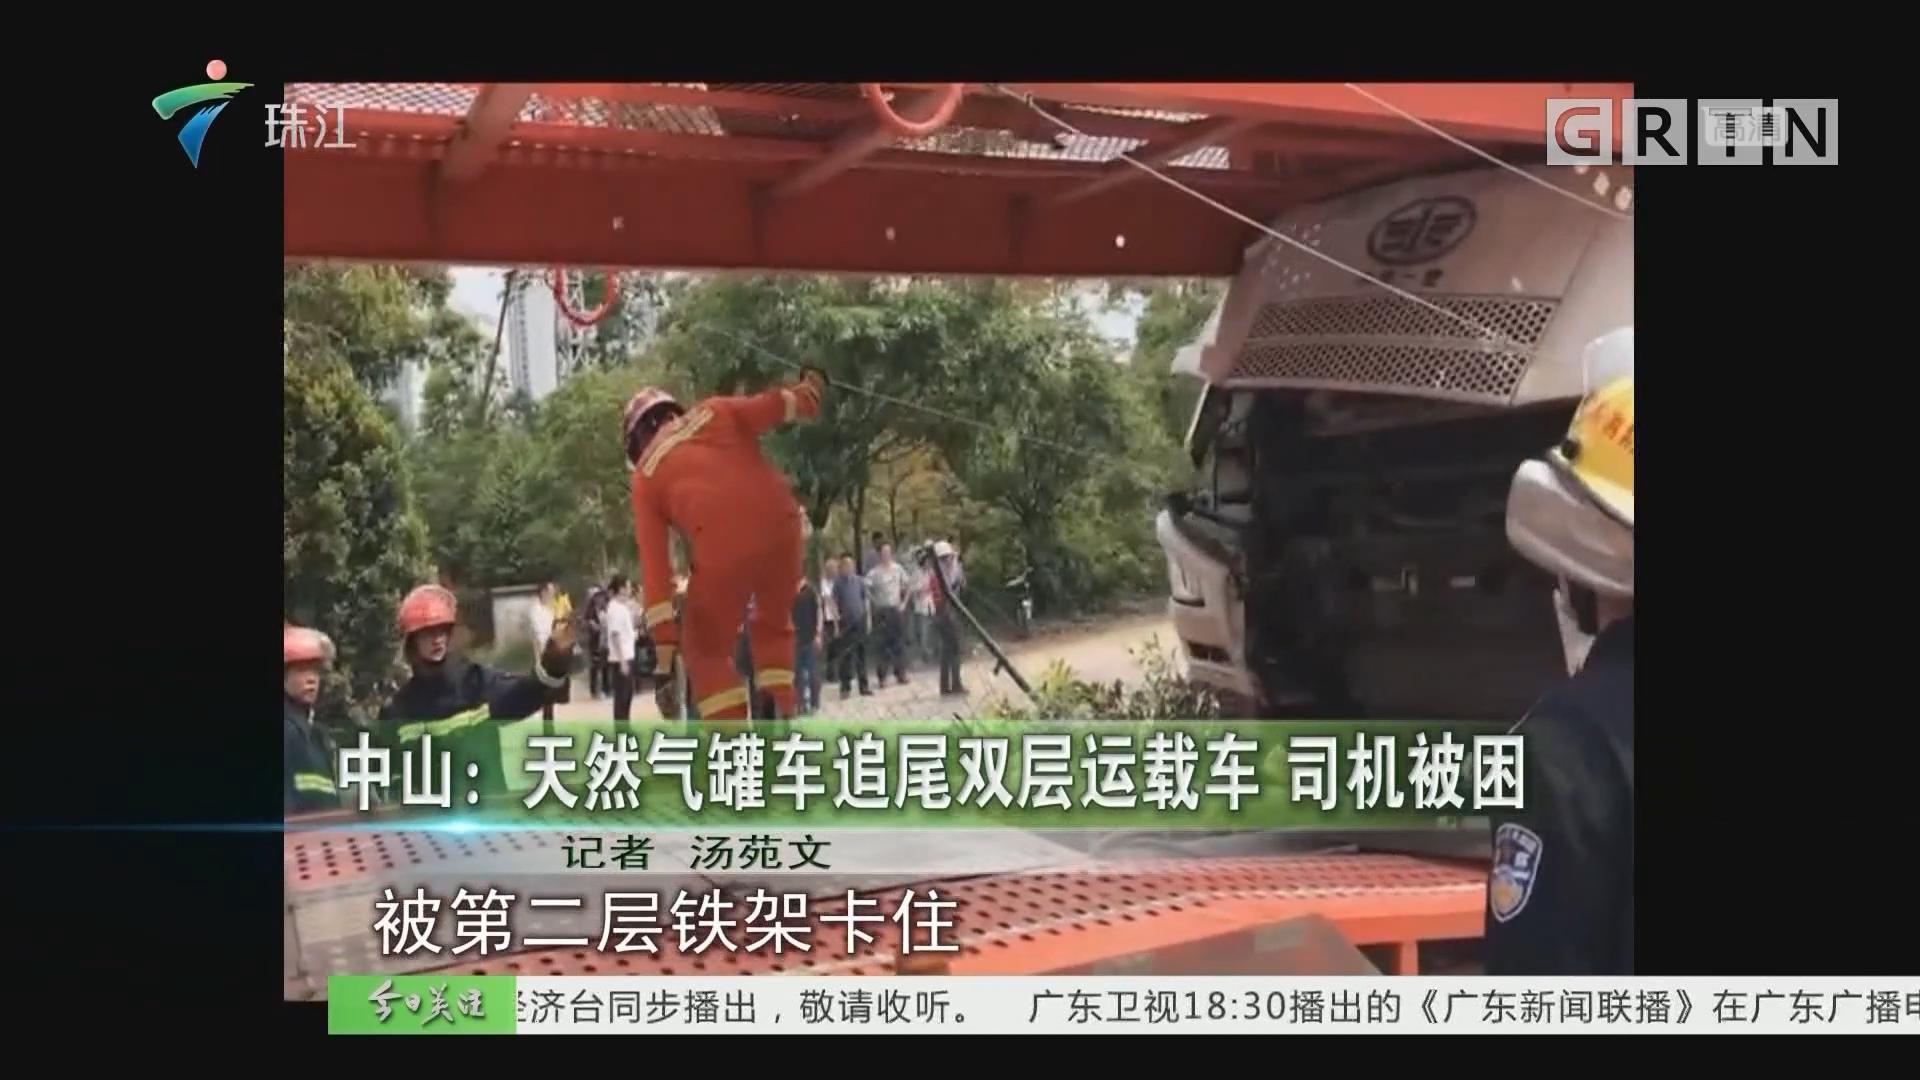 中山:天然气罐车追尾双层运载车 司机被困